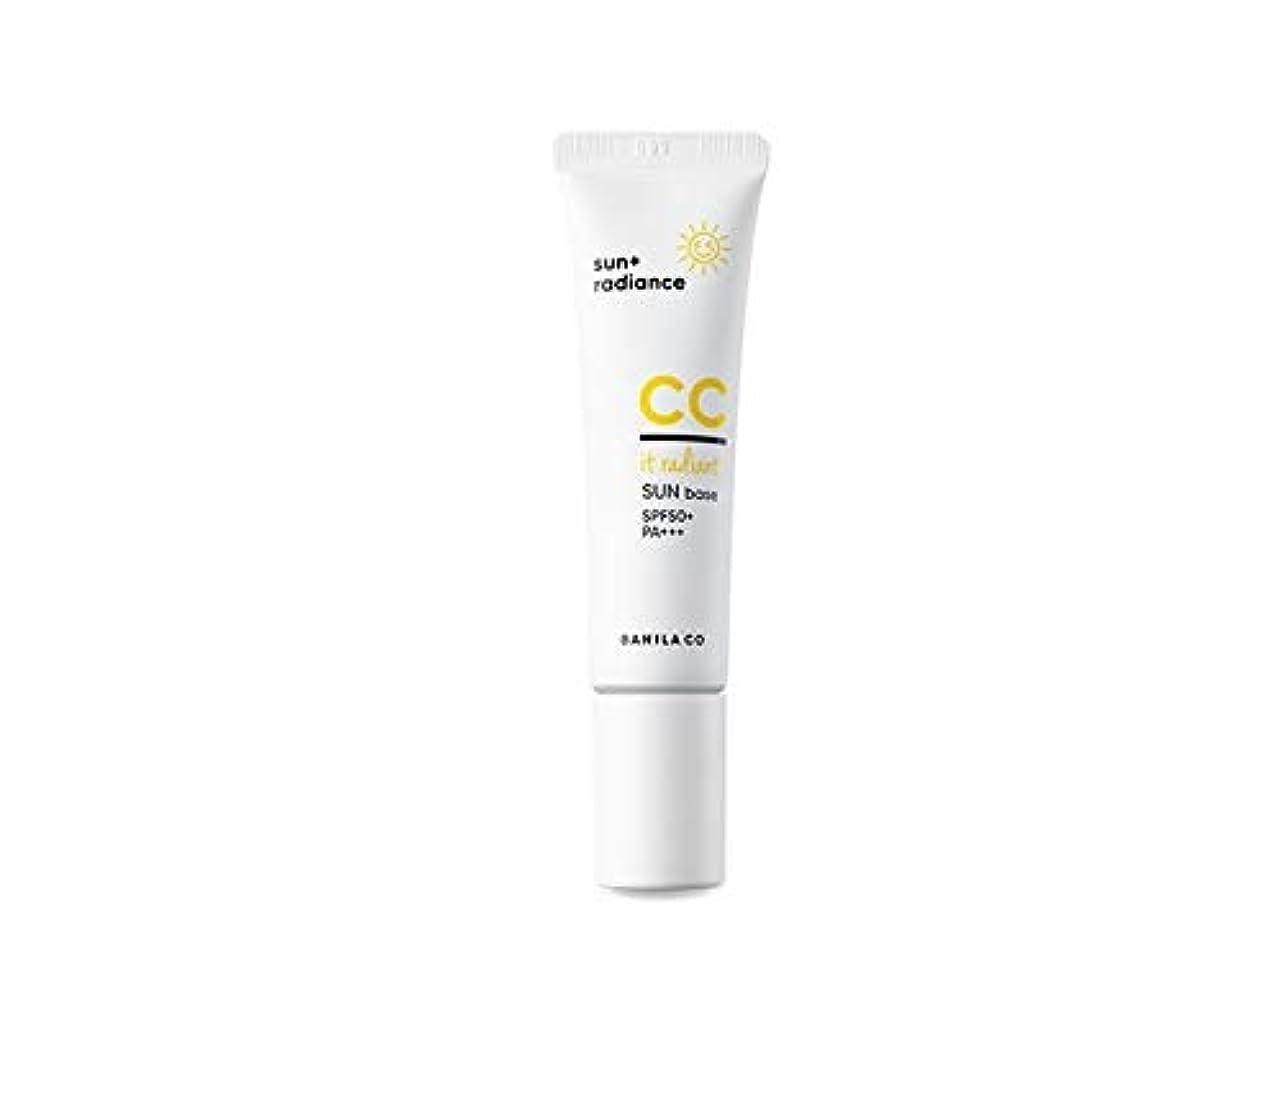 リップ不規則性スタンドbanilaco It Radiant CCサンベースSPF50 + PA +++ / It Radiant CC Sun Base SPF50 + PA +++ 30ml [並行輸入品]